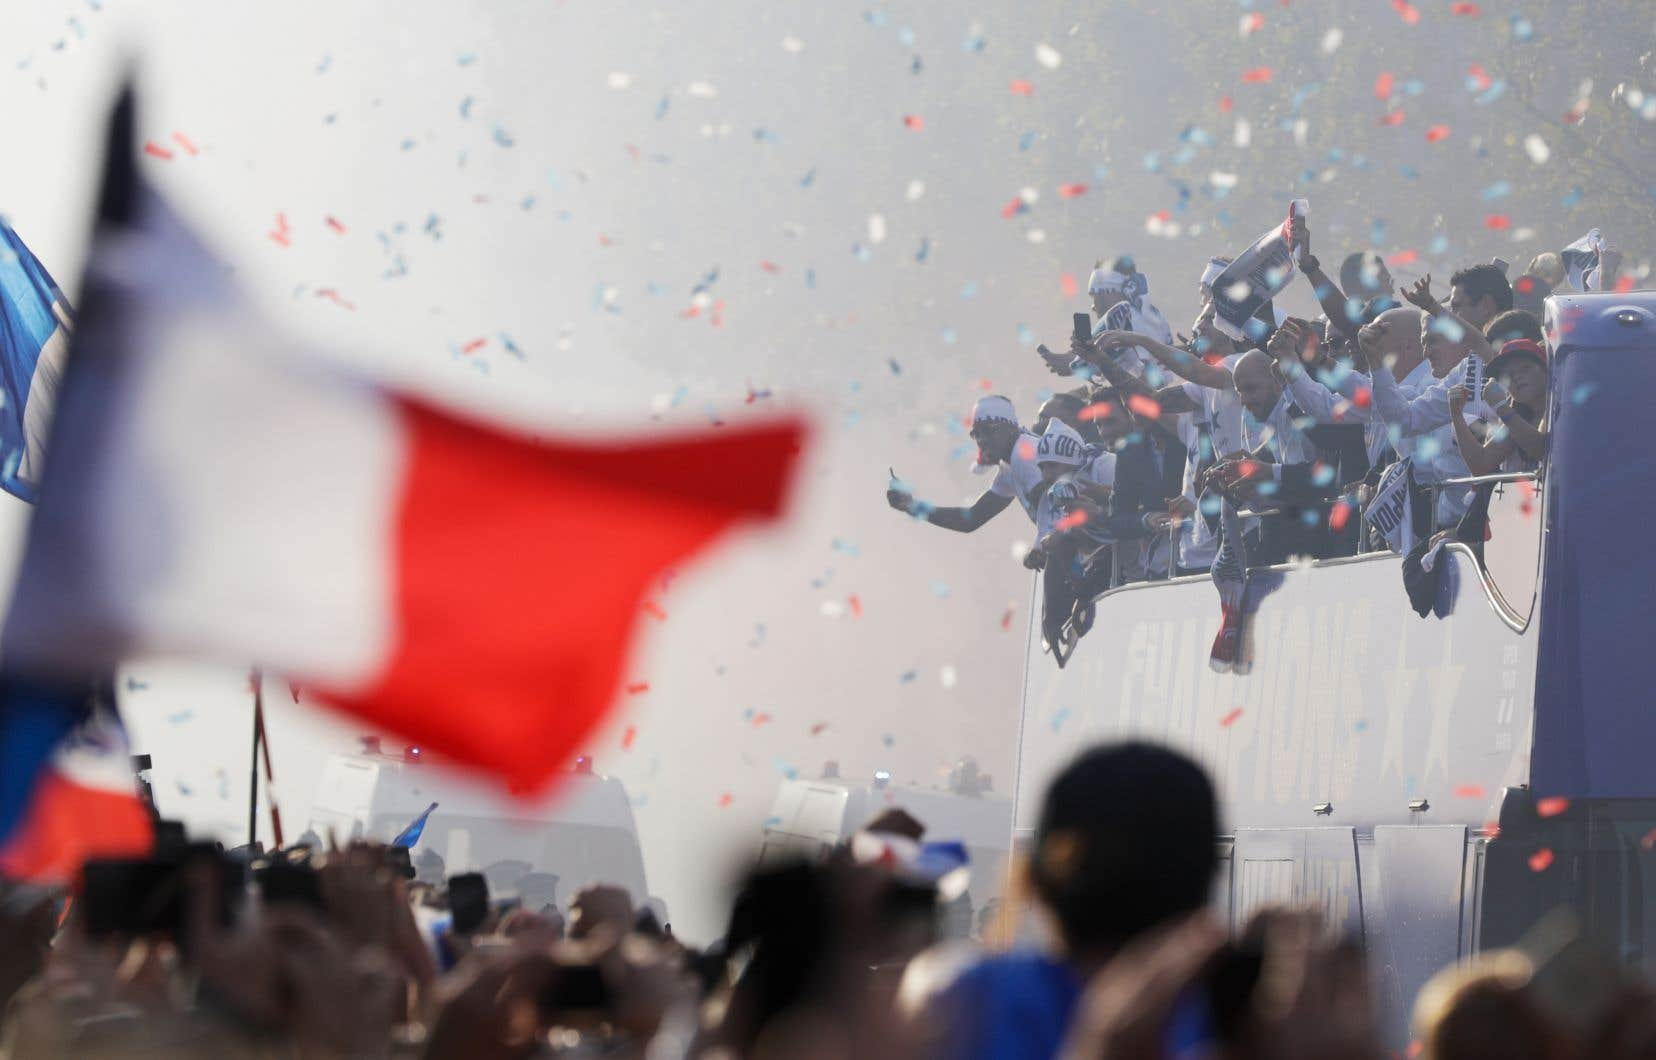 Les membres de l'équipe française, championne de la Coupe du monde de soccer, ont descendu les Champs-Élysées, lundi, à Paris, à bord d'un autobus à impériale sous les acclamations de joie de plus de 300000 personnes.